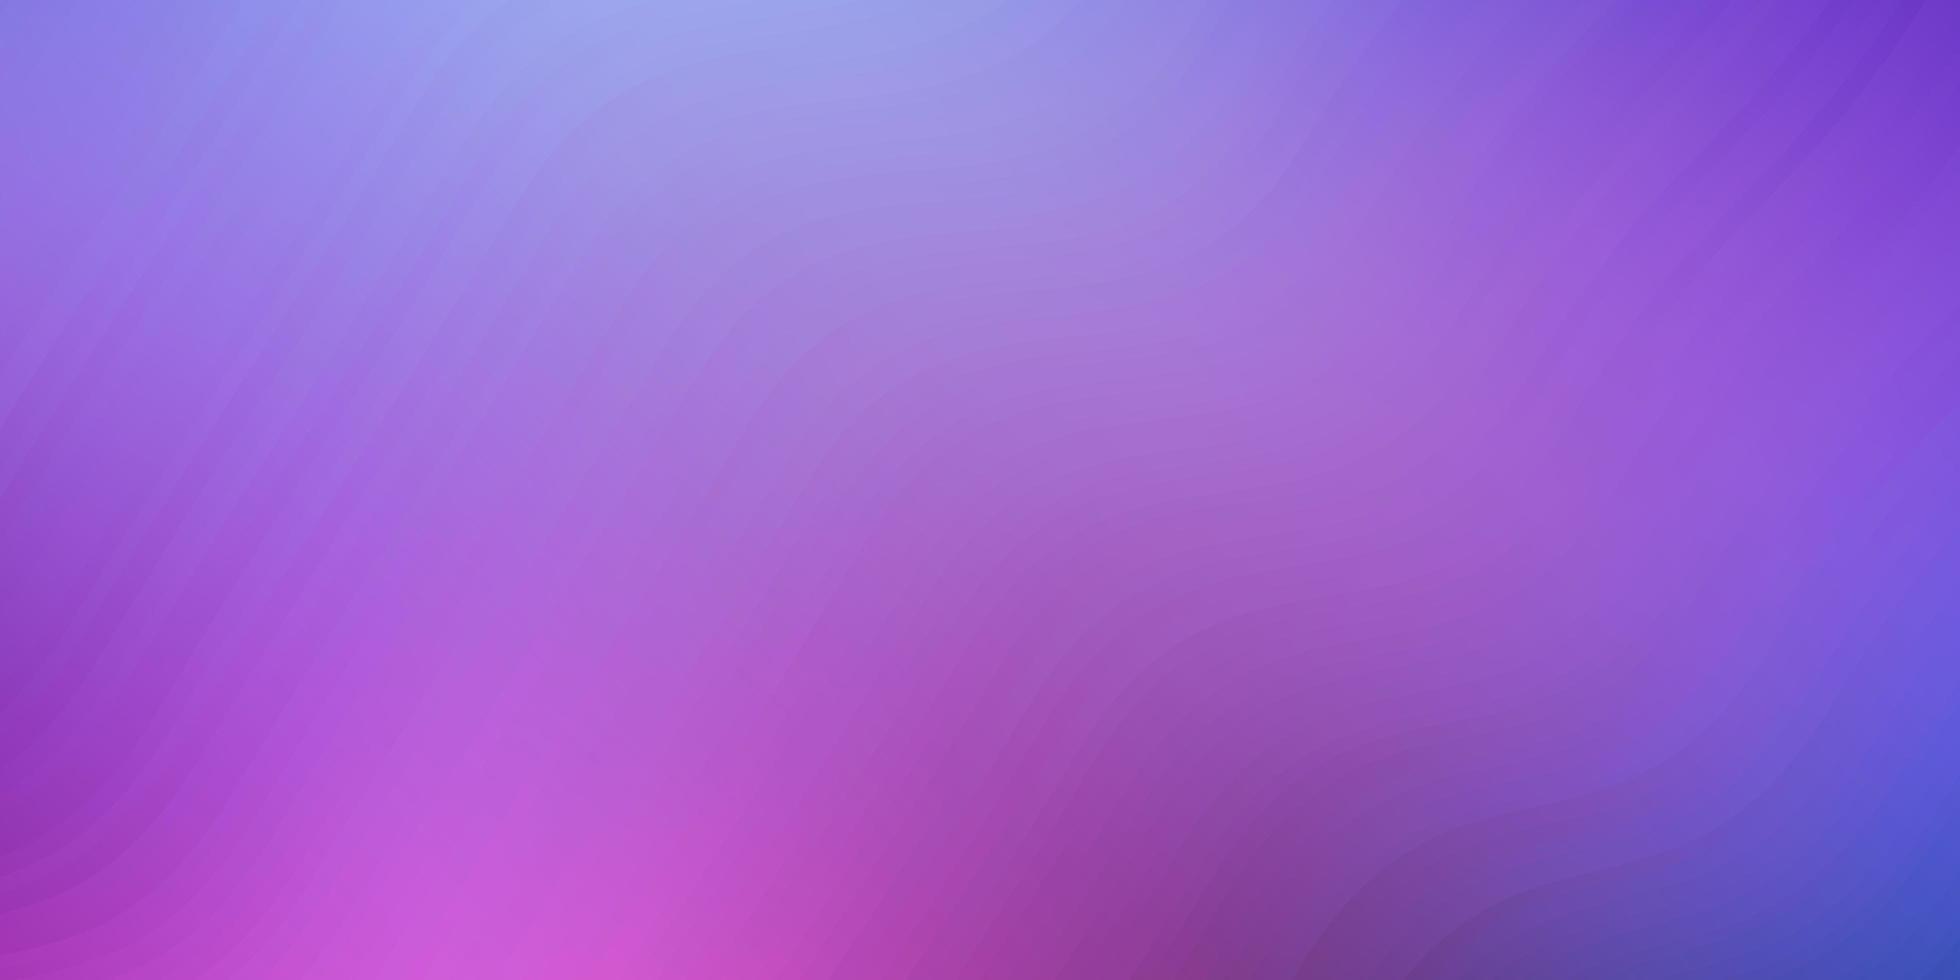 dunkelrosa, blaues Vektorlayout mit schiefen Linien vektor